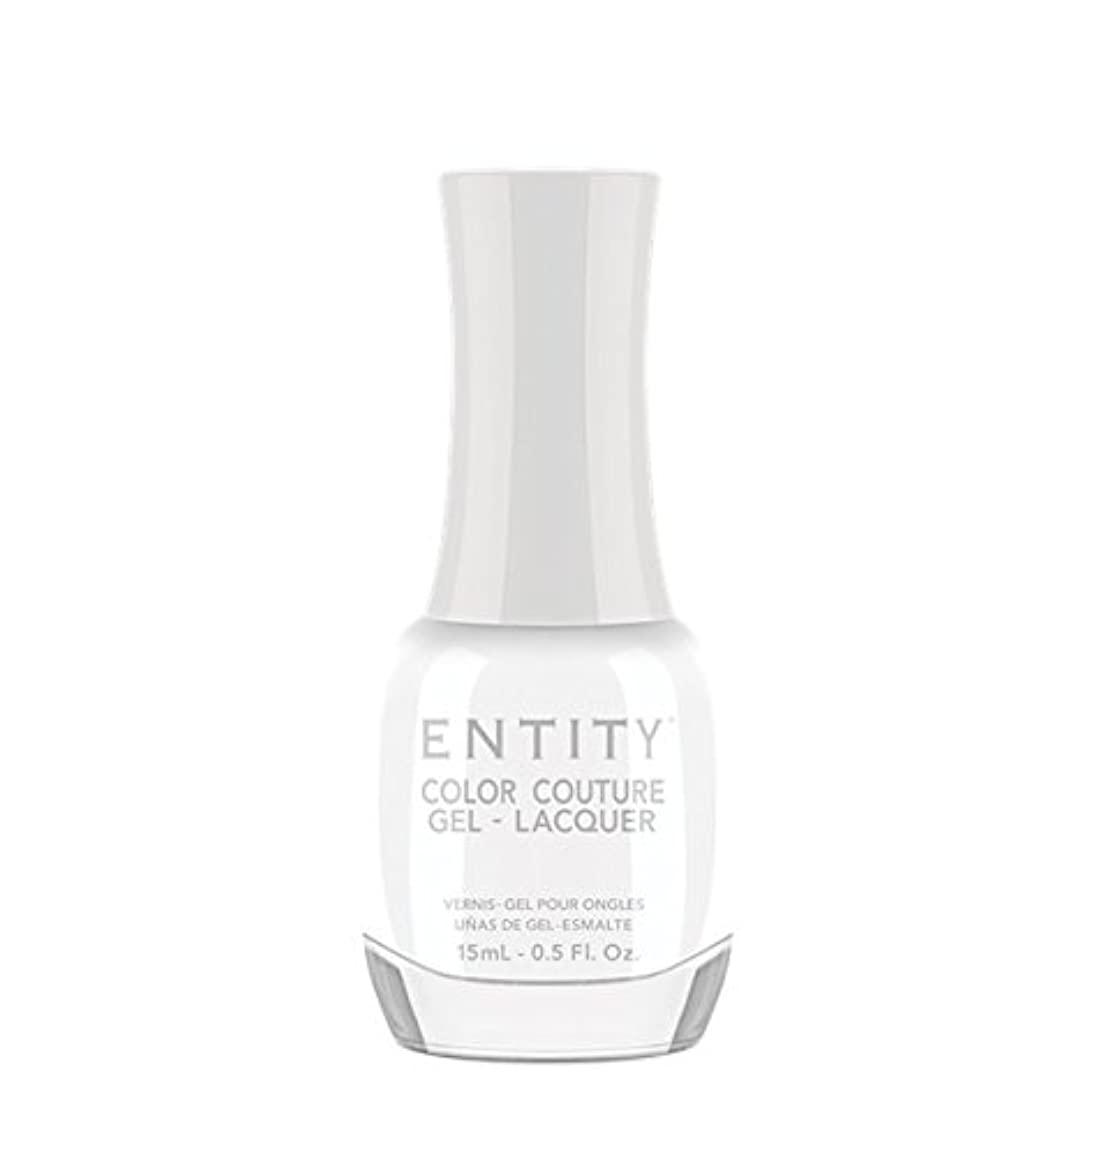 サーキットに行く滅多物理Entity Color Couture Gel-Lacquer - Spotlight - 15 ml/0.5 oz